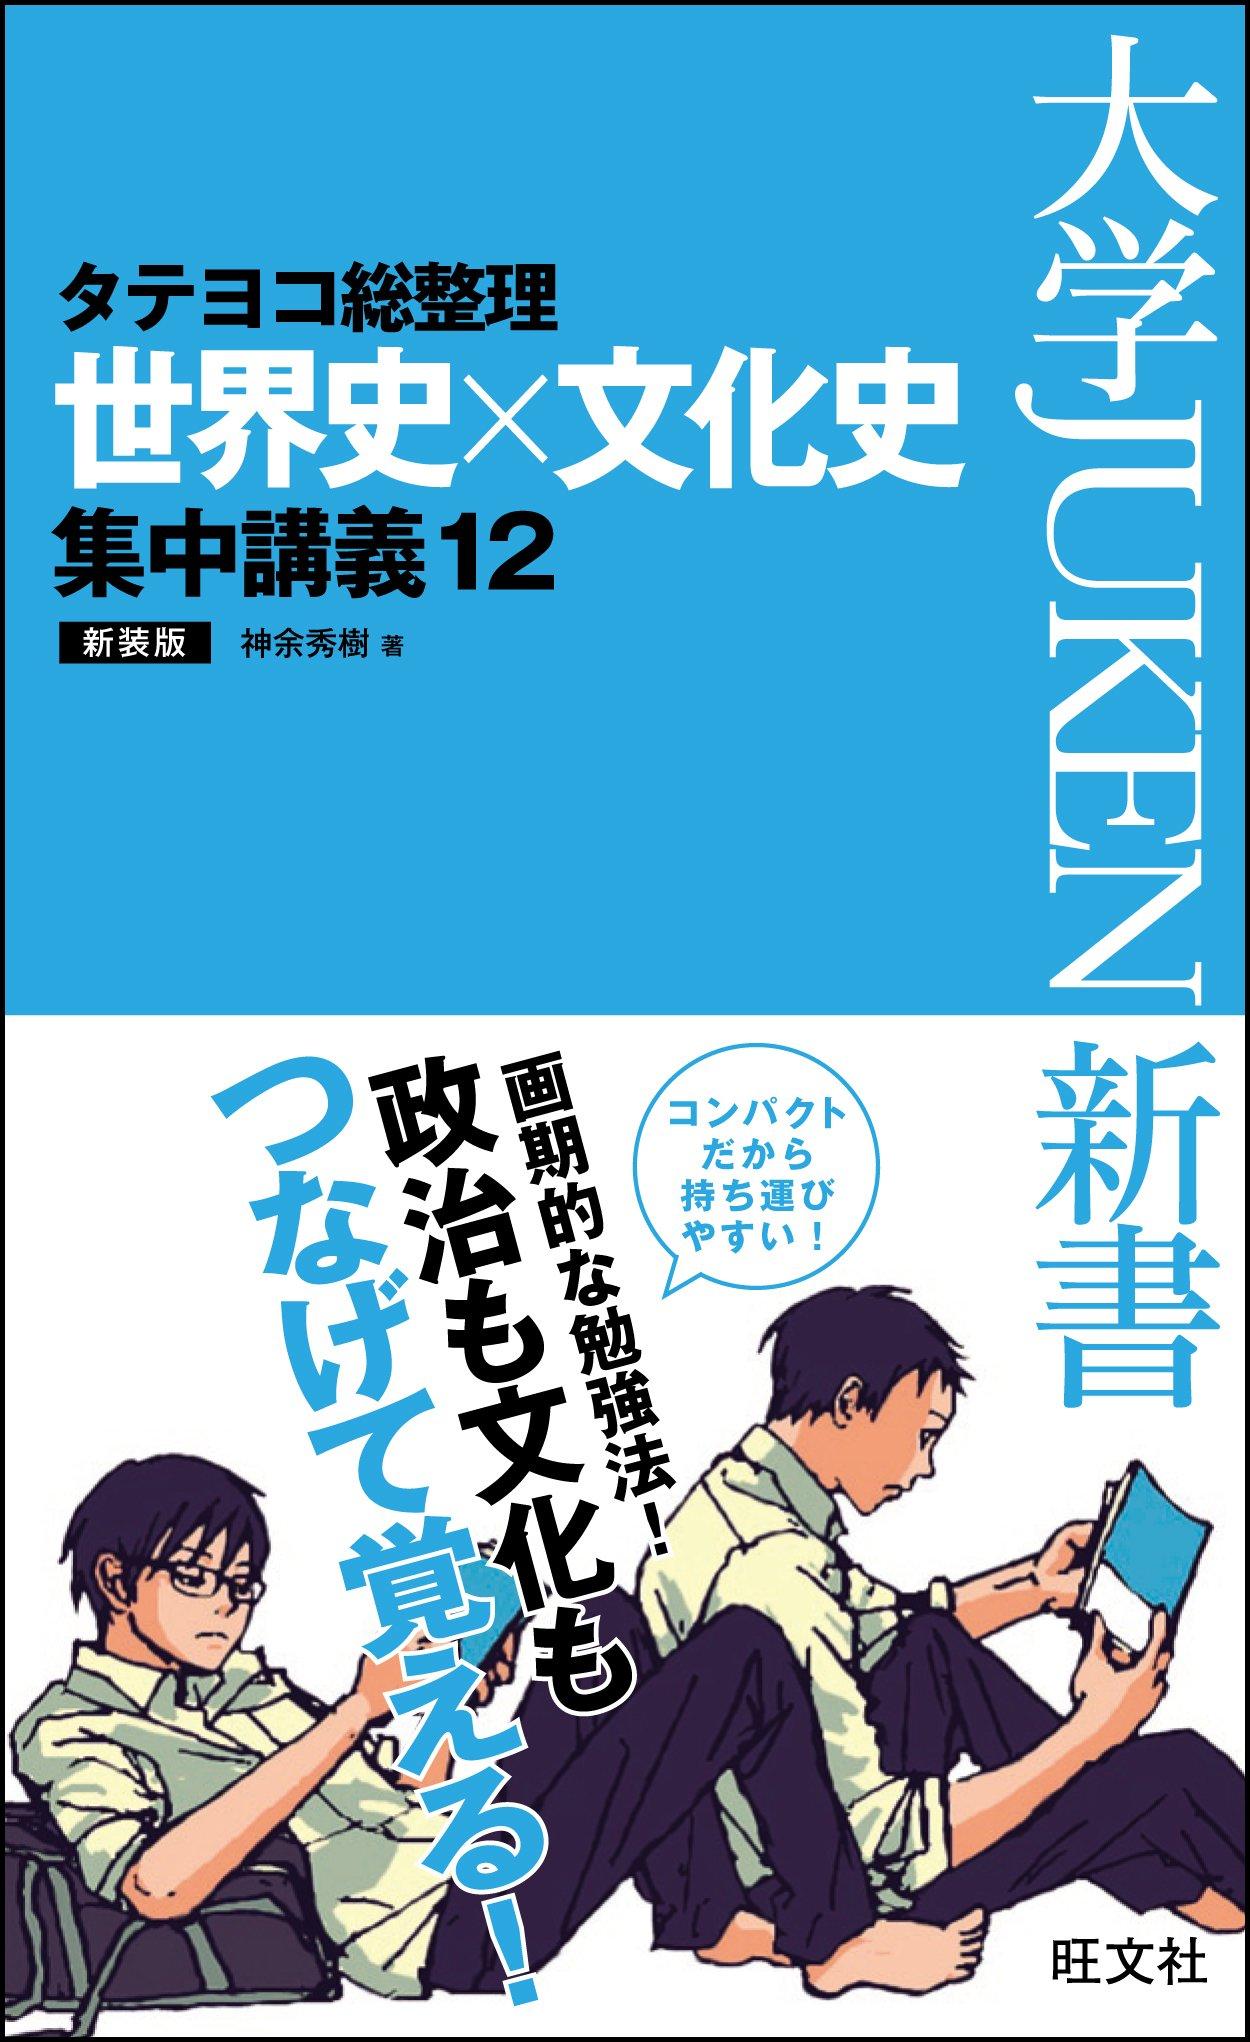 タテヨコ総整理 世界史×文化史 集中講義 12